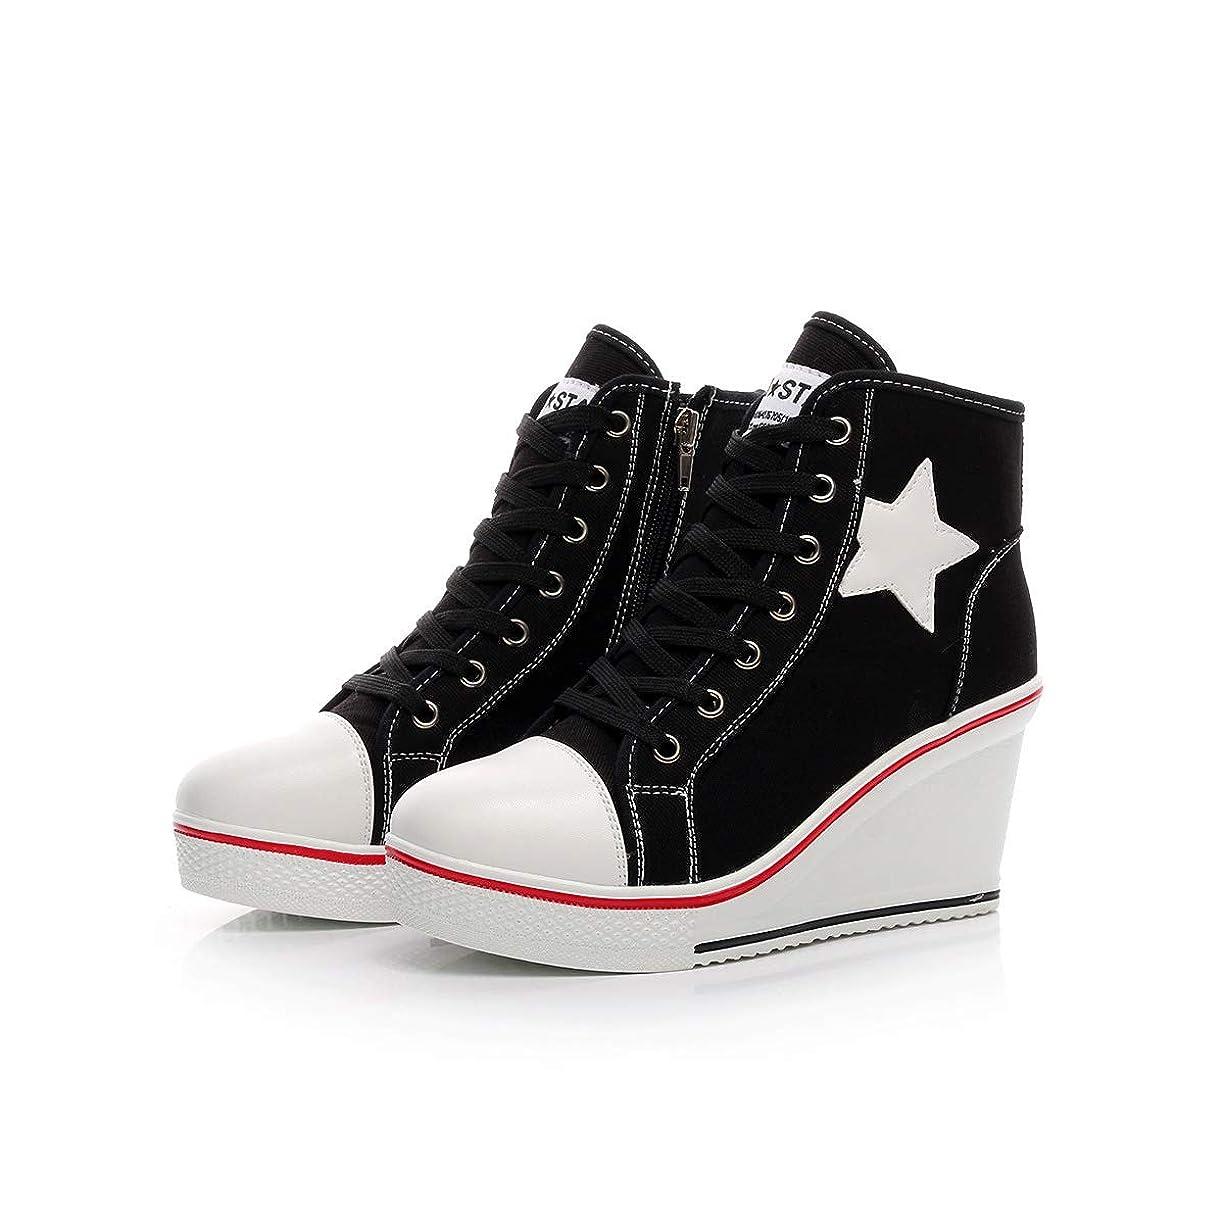 衝突するコンテストみなさん婦人靴ウェッジスニーカーハイヒールキャンバスシューズハイトップサイドジッパーファッションスニーカーをひもで締めます,Black,41